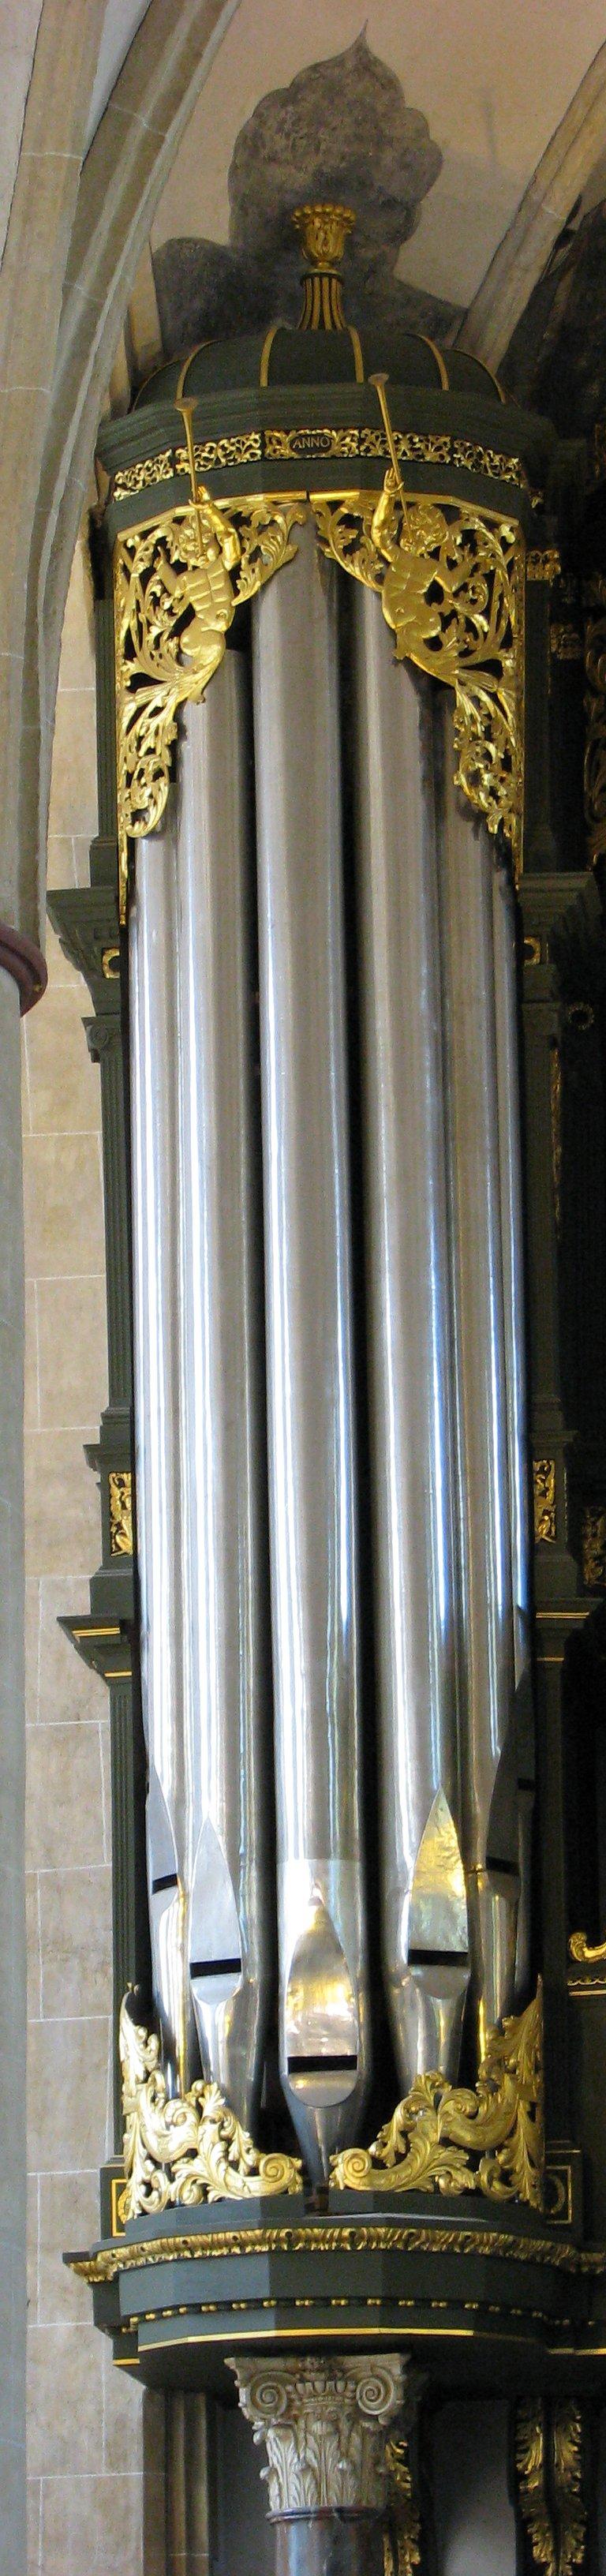 Martinikerk Groningen Zuider pedaaltoren